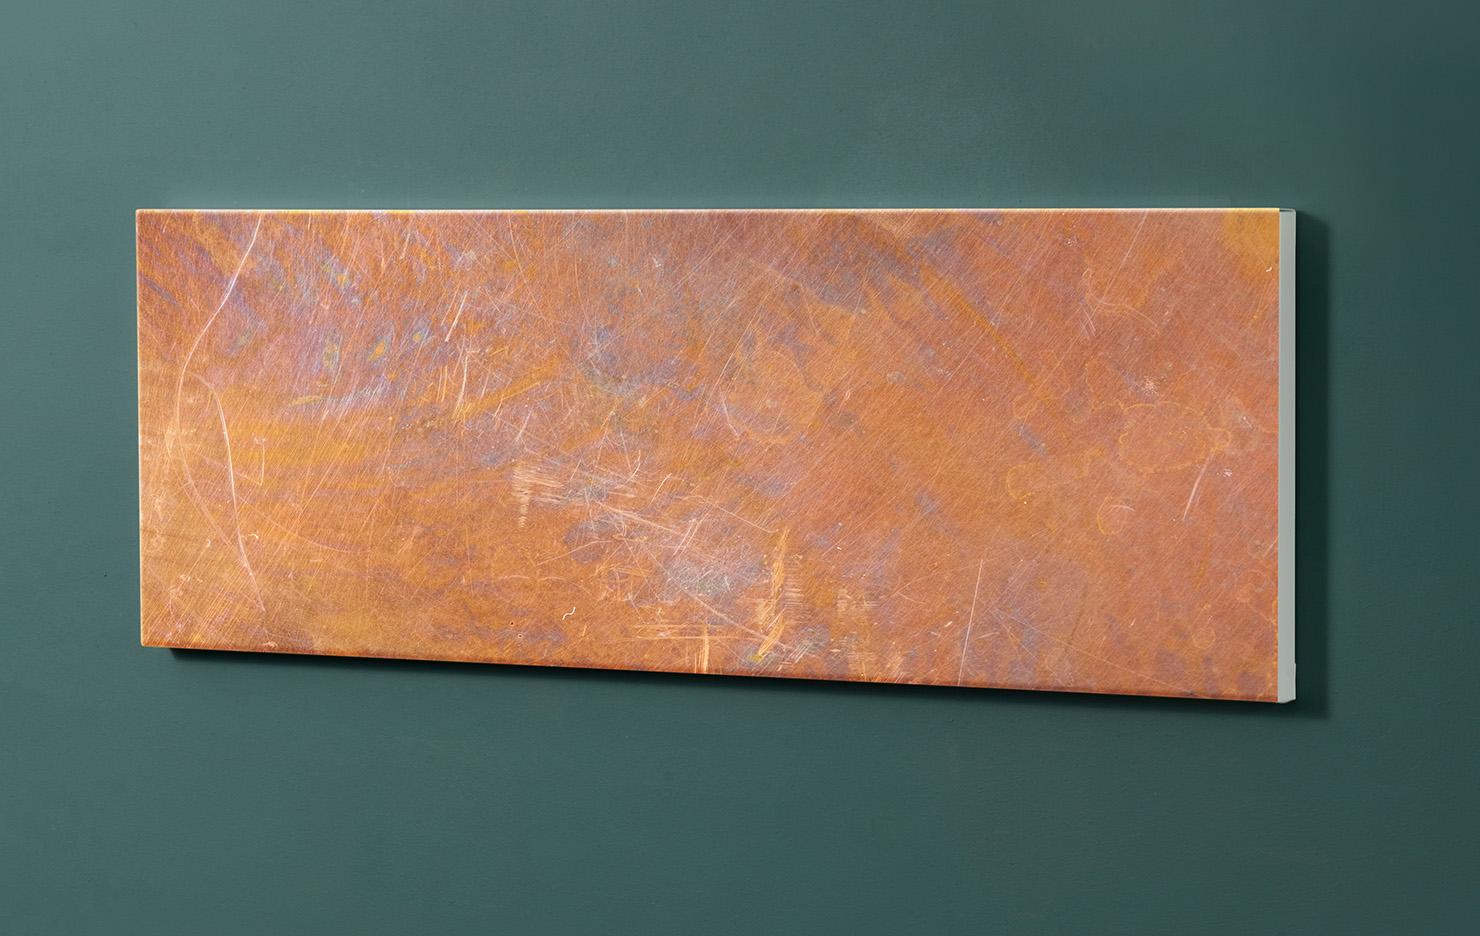 Magnettafel NOTIZ 90x30cm Motiv-Pinnwand M08 Rost